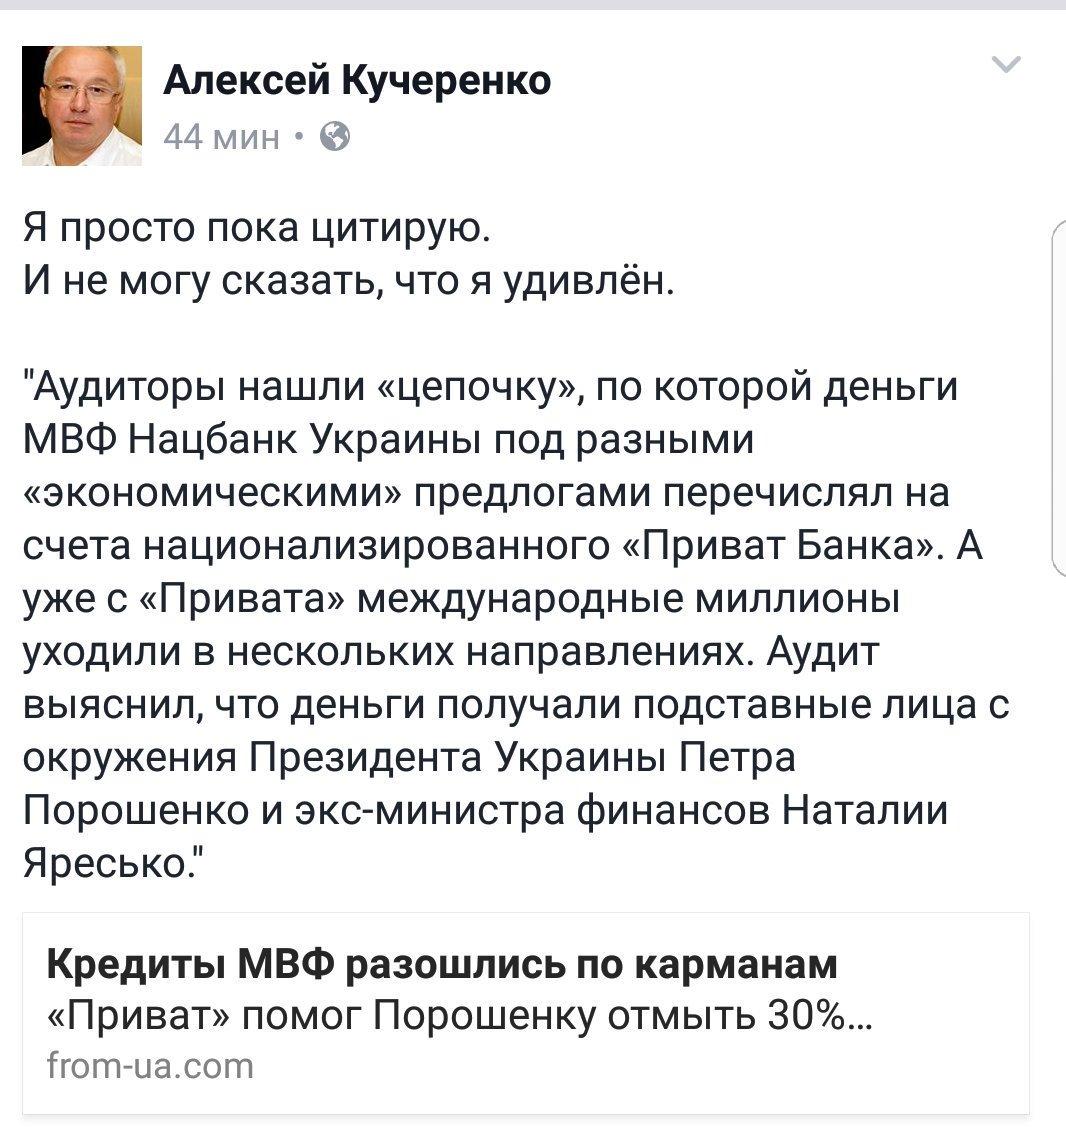 Деятельностью секретаря горсовета Днепра будет заниматься НАБУ и Генпрокуратура, - Березюк - Цензор.НЕТ 798